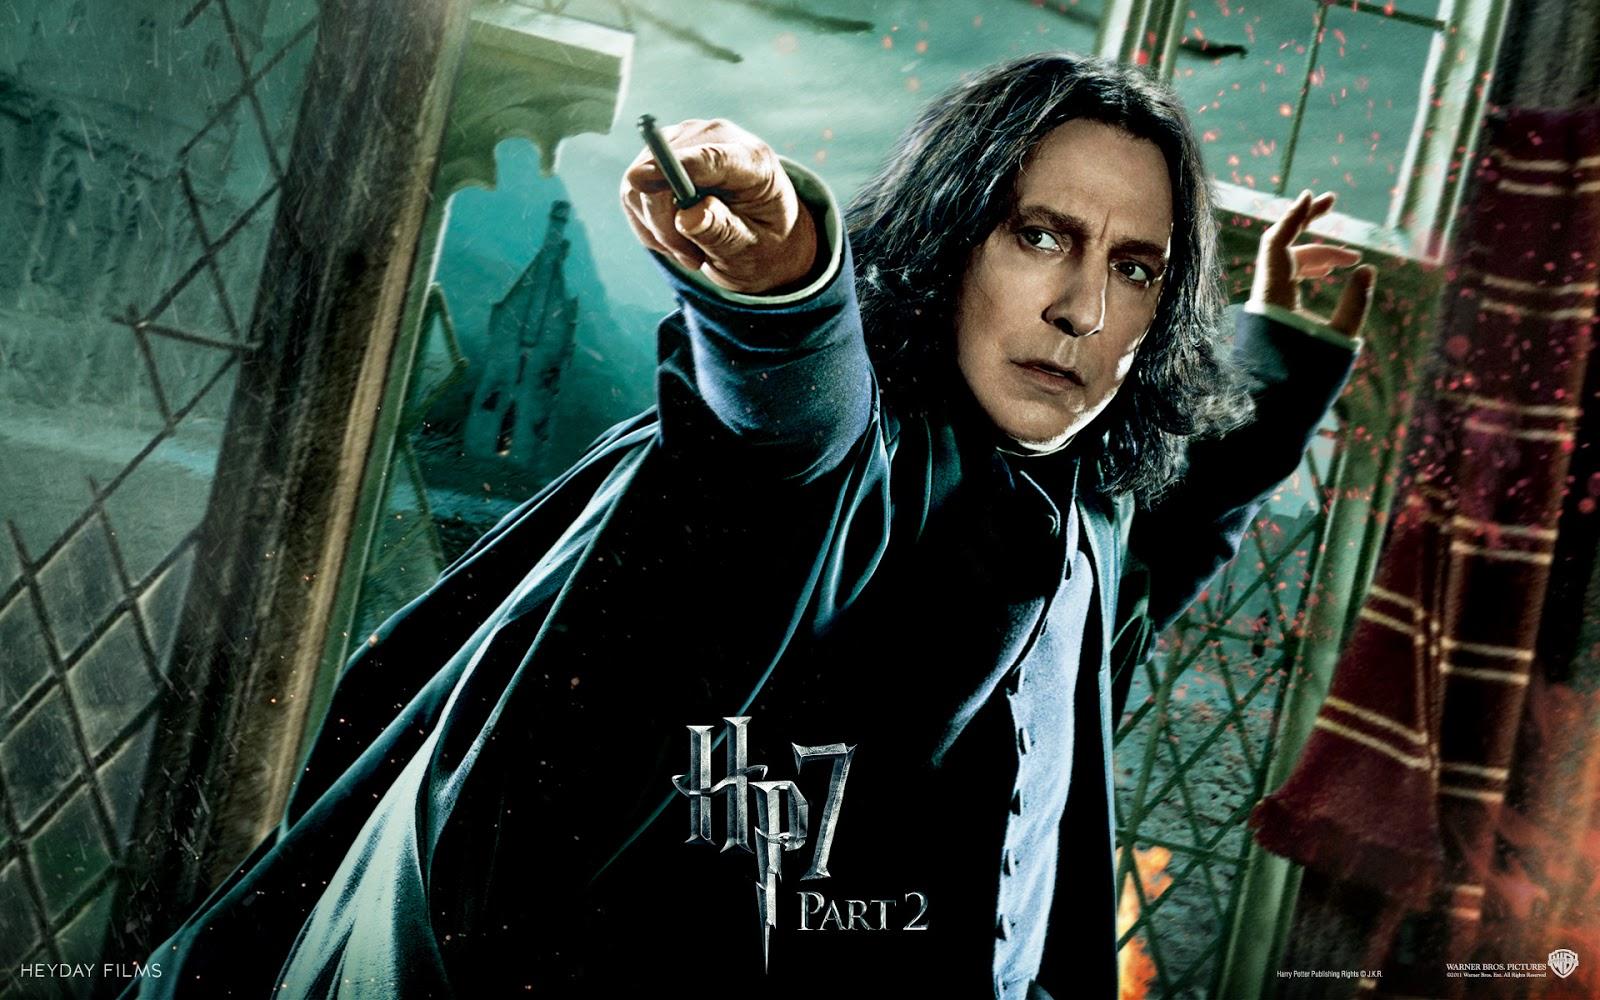 http://3.bp.blogspot.com/-2Ap_5zs-H9c/Tg3kau57CcI/AAAAAAAAGPA/eMkZB2wK_MQ/s1600/Harry-Potter-BlogHogwarts-HP7-Wallpaper-08.jpg